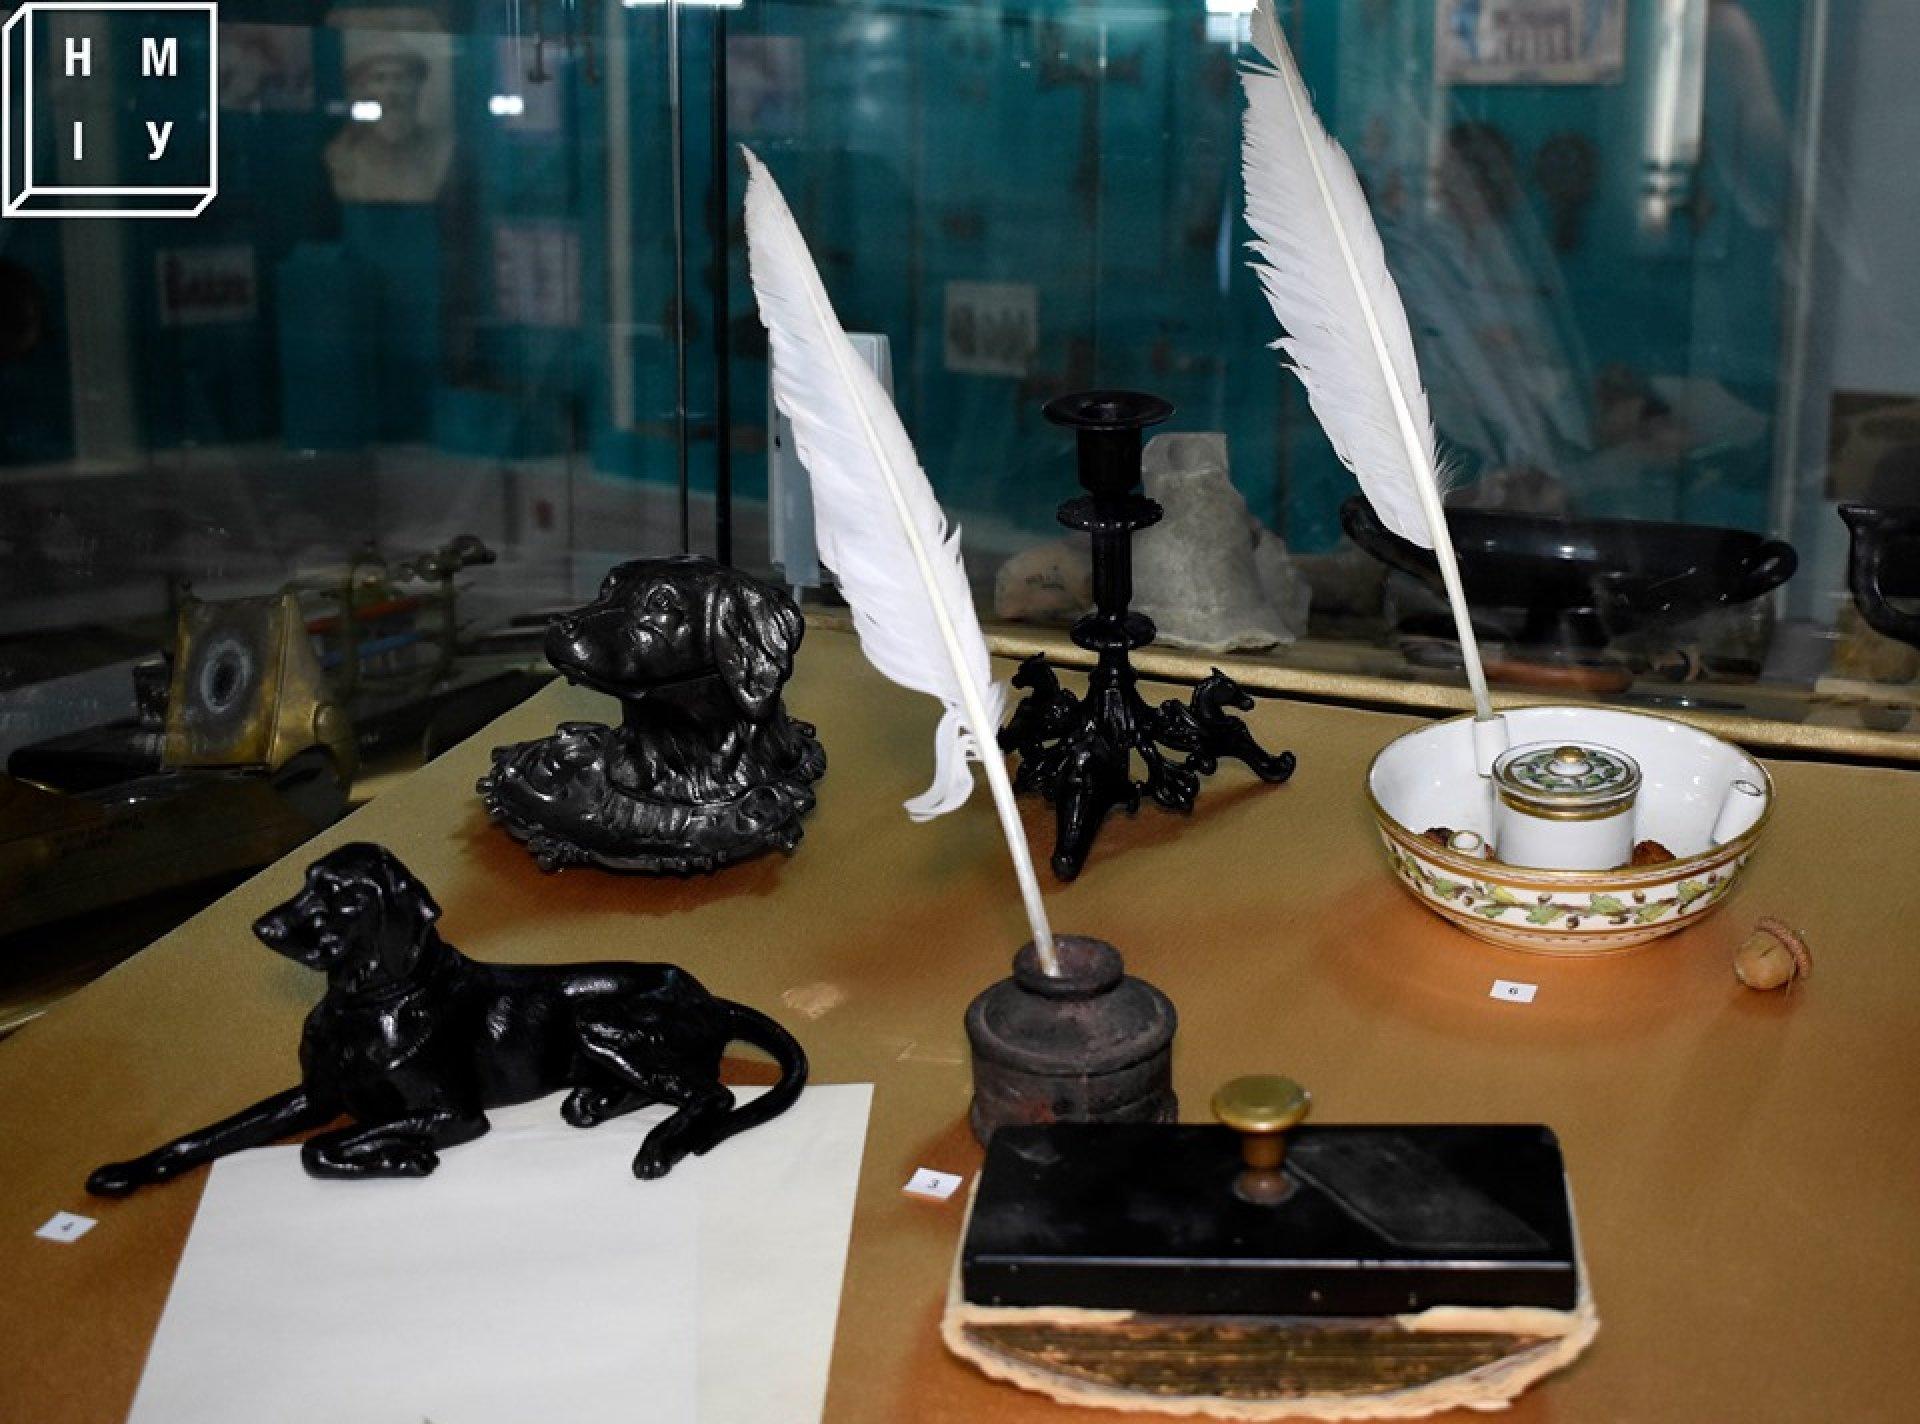 В Национальном музее истории Украины вы можете познакомиться с ремеслом писателя изнутри